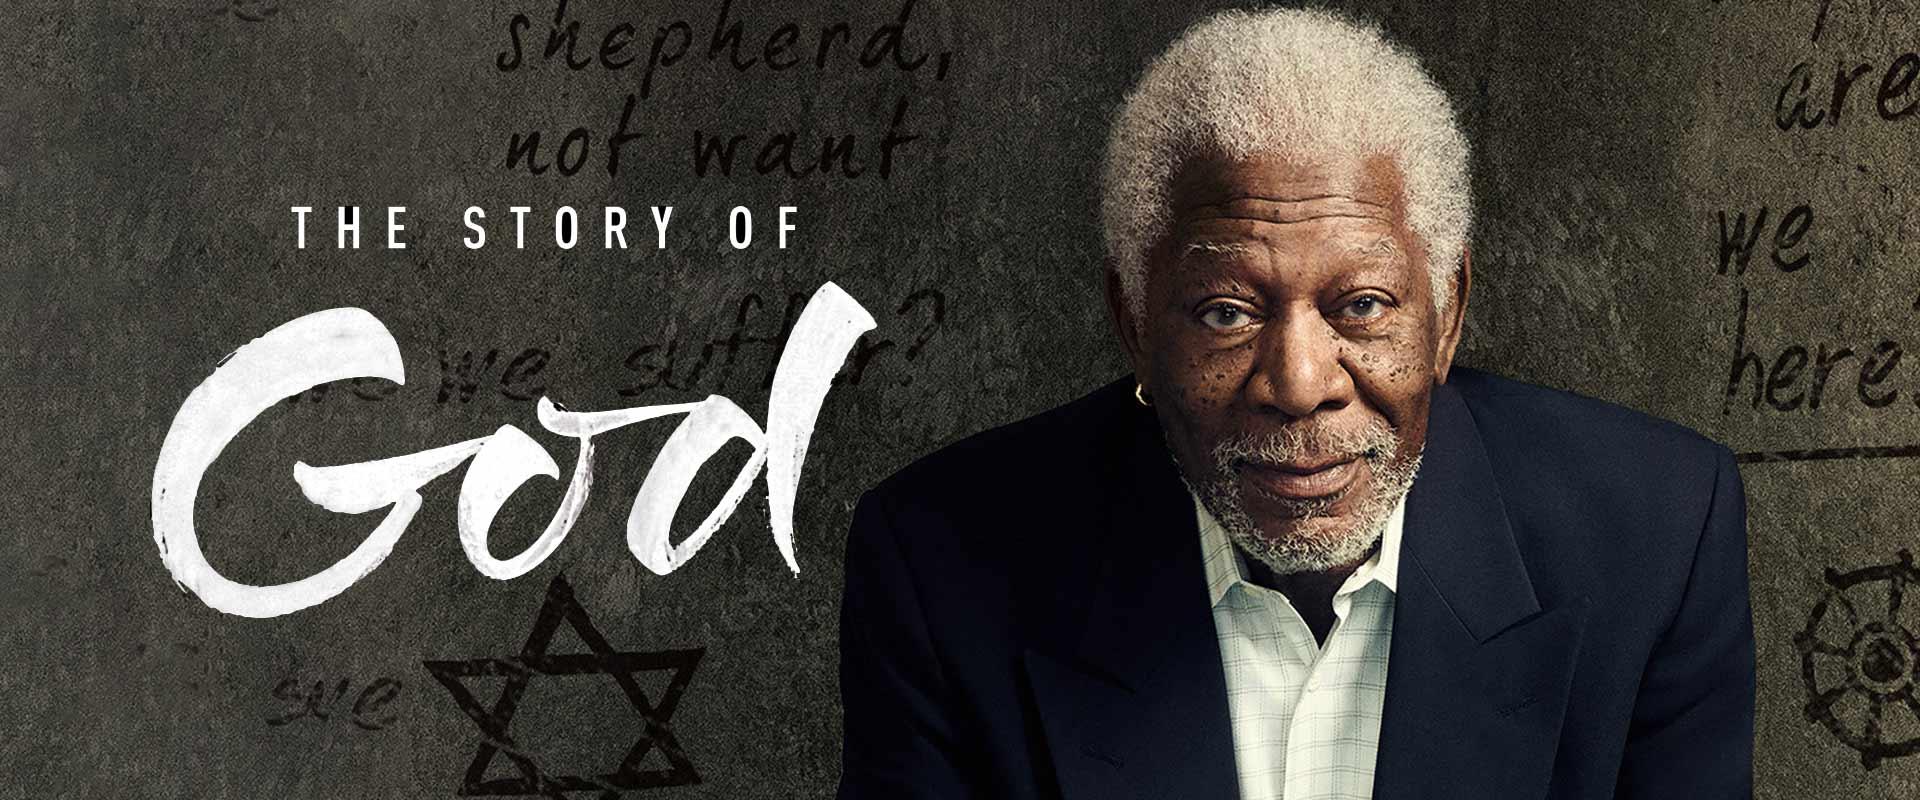 הסיפור של אלוהים - עם מורגן פרימן